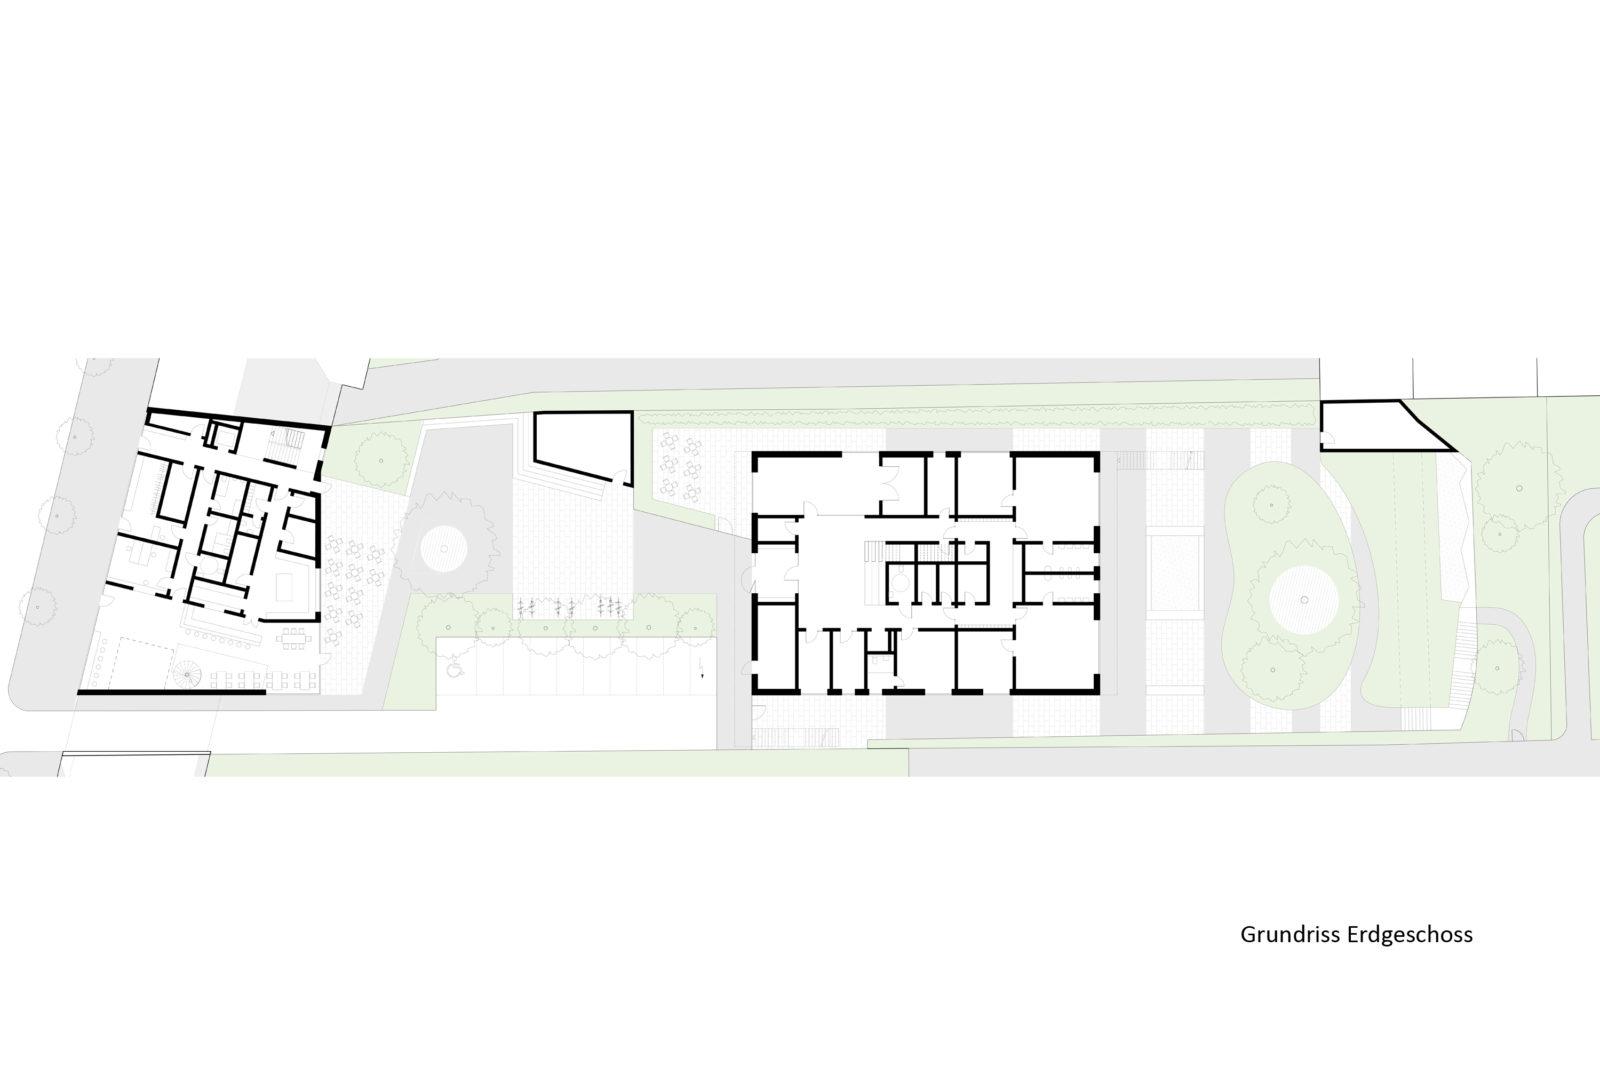 Wettbewerb SOS-Kinderdorf in Leipzig, Connewitz - Erdgeschoss